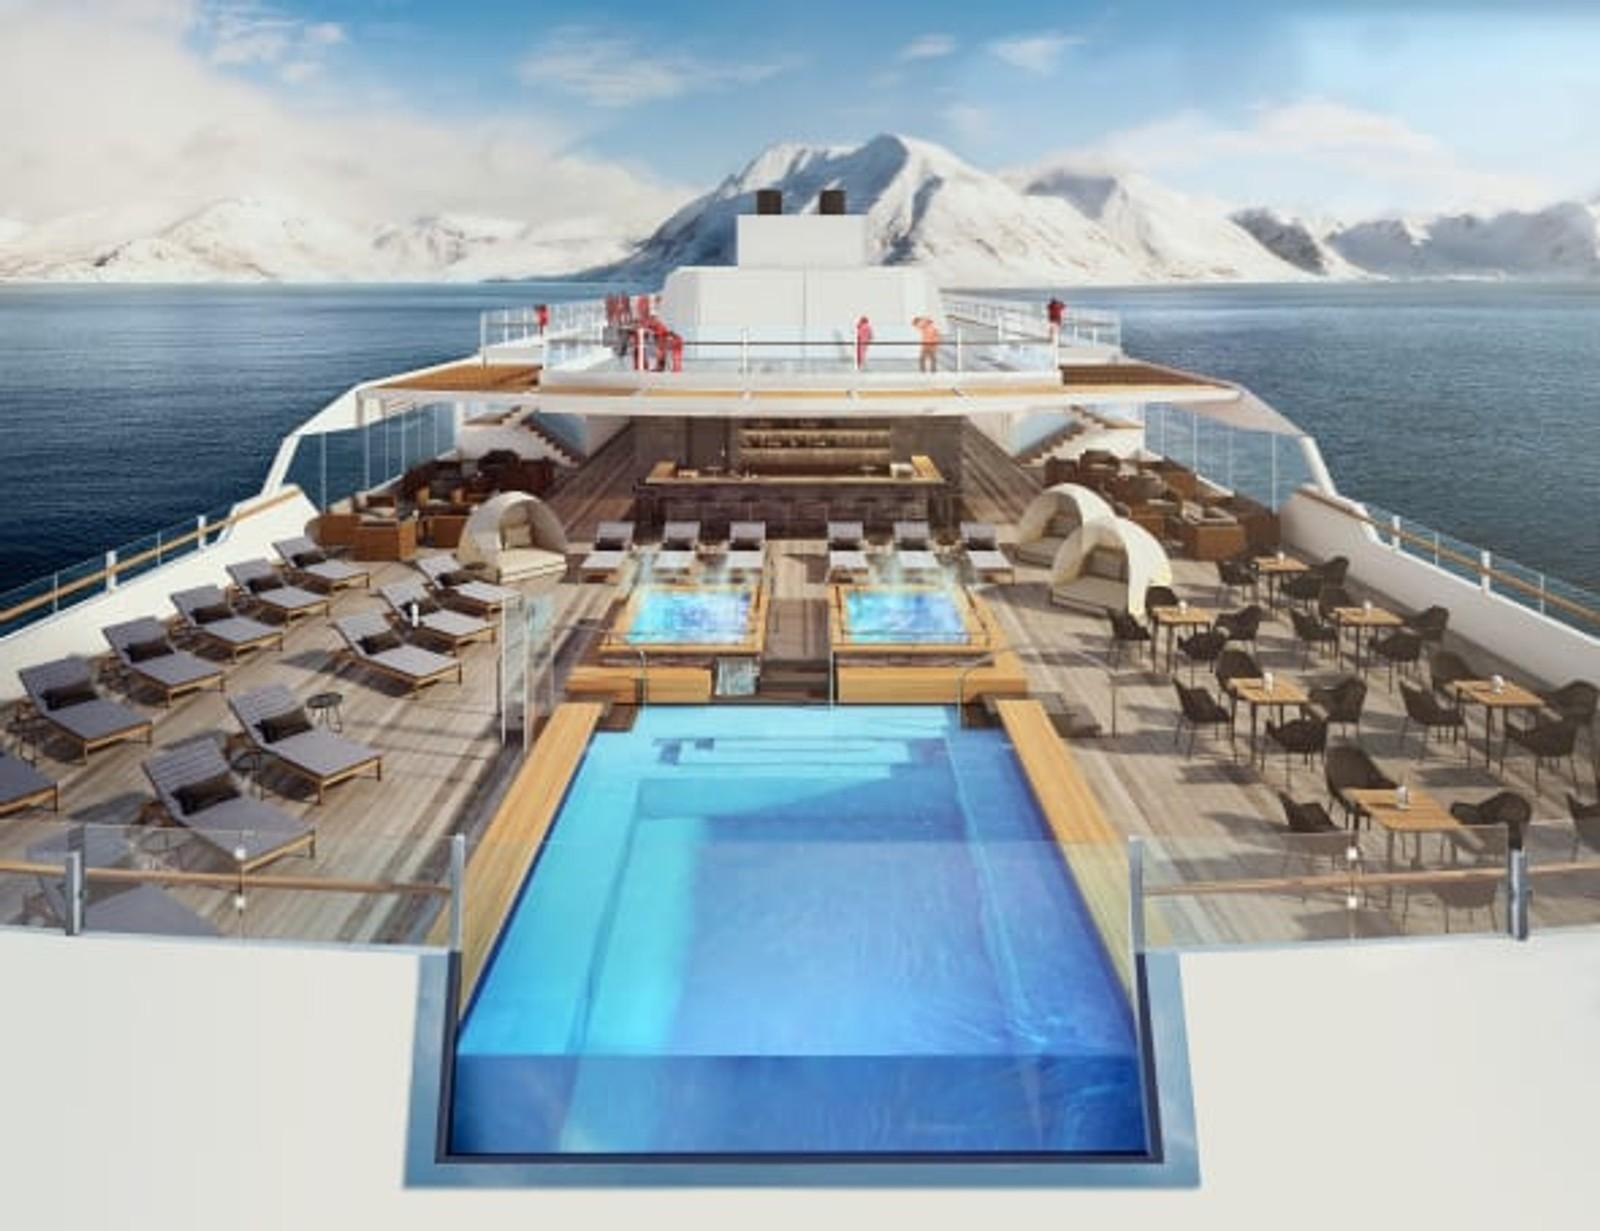 """Fra et evighetsbasseng som strekker seg mot horisonten helt akterut, kan gjestene på MS """"Roald Amundsen"""" og MS """"Fridtjof Nansen"""" oppleve den spektakulære utsikten over polarhavene på en helt ny måte."""